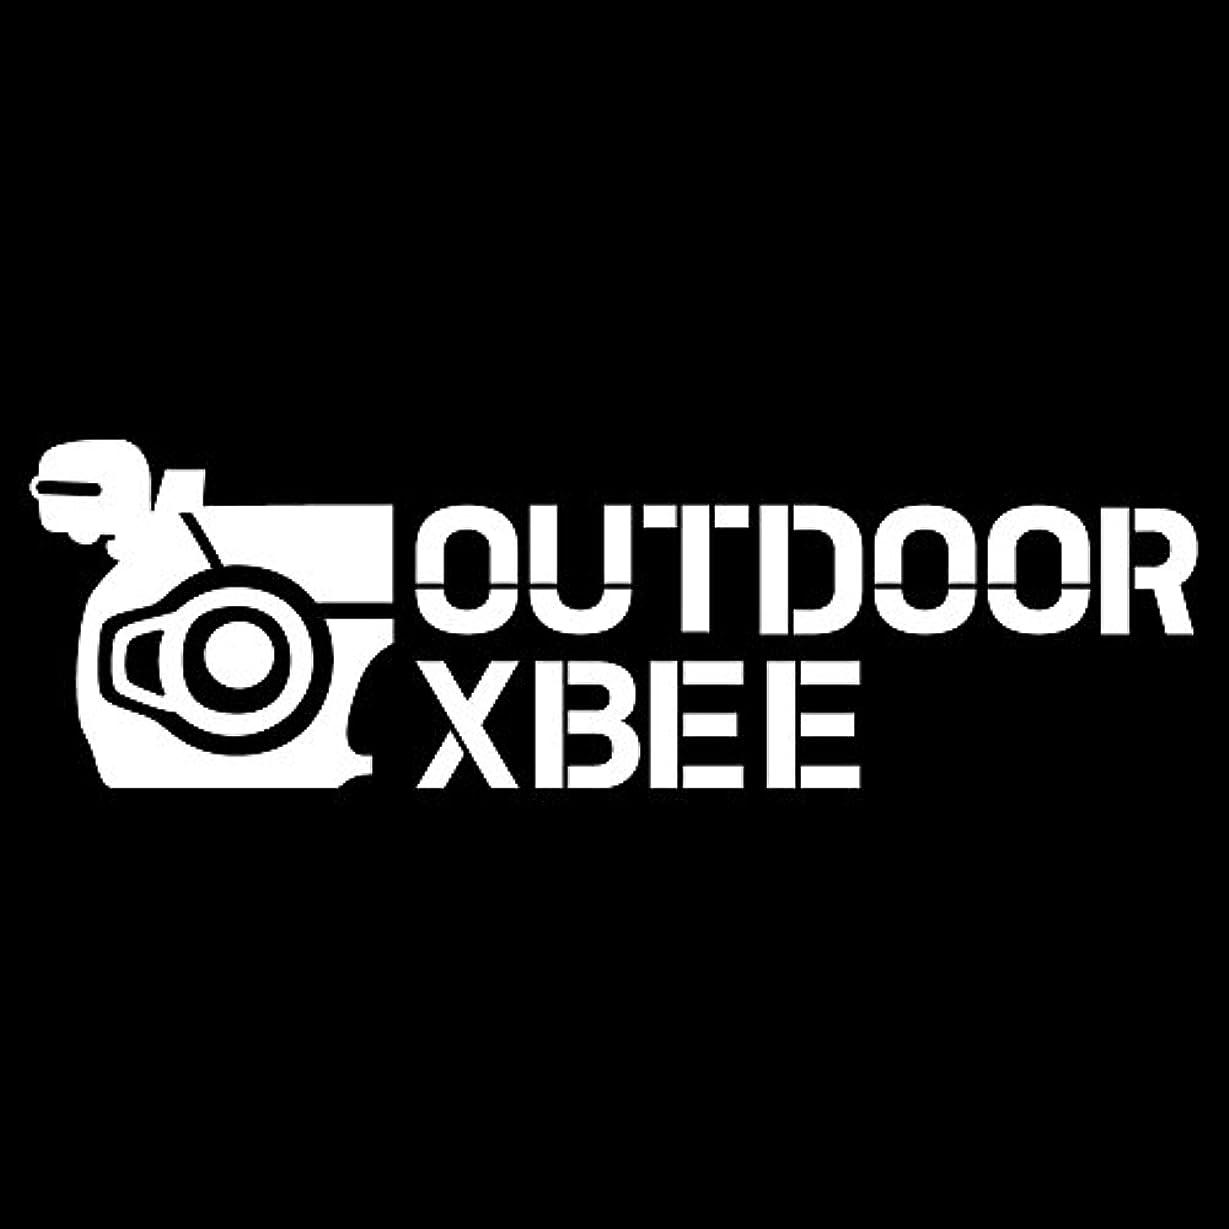 欠乏箱進捗imoninn SUZUKIクロスビー用 カッティングステッカー(OUTDOOR XBEE) 白色